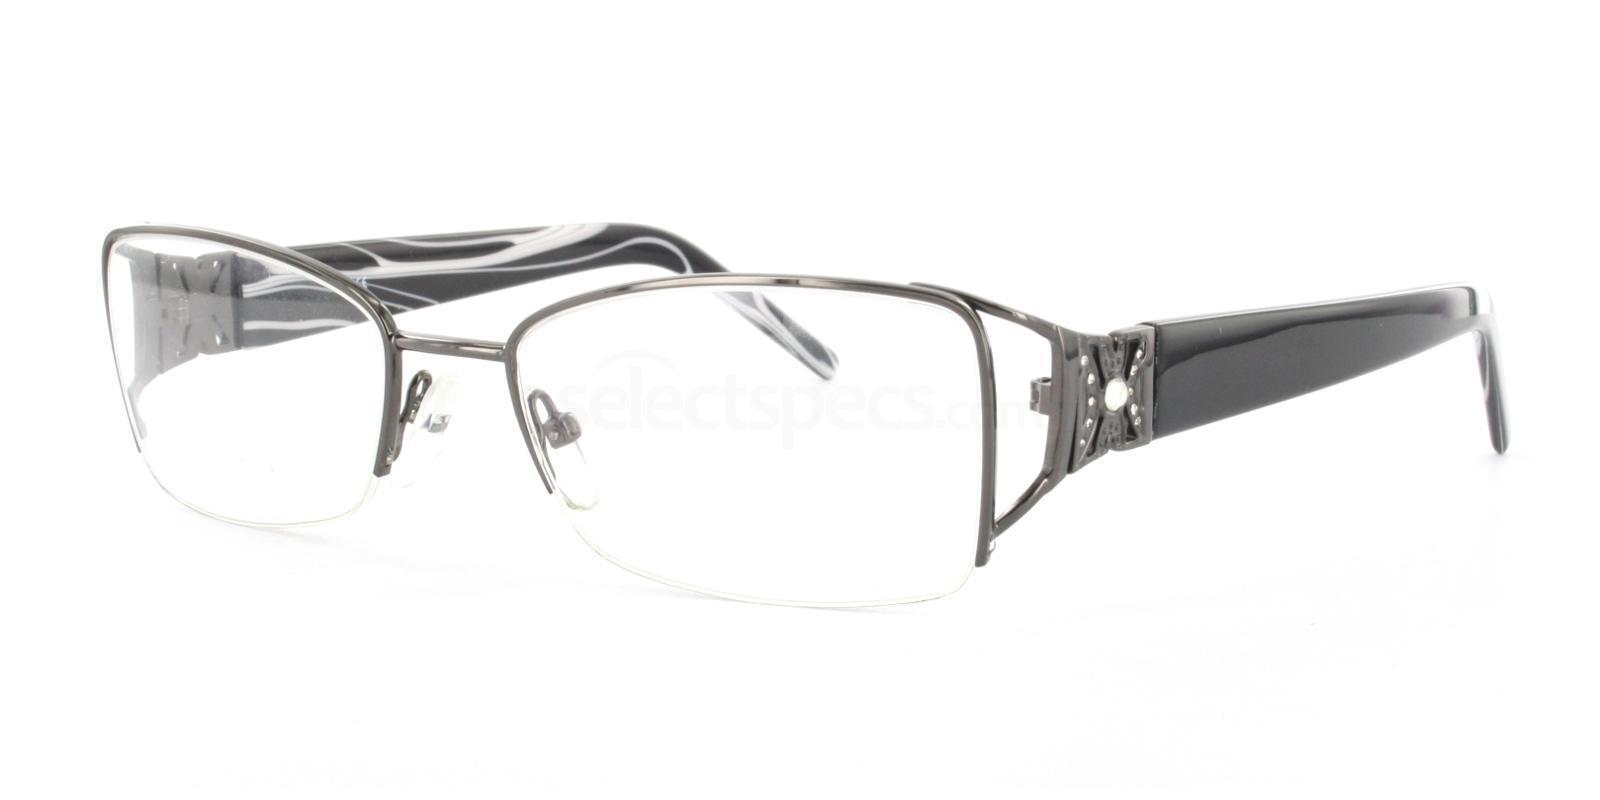 C2 R30789 Glasses, SelectSpecs